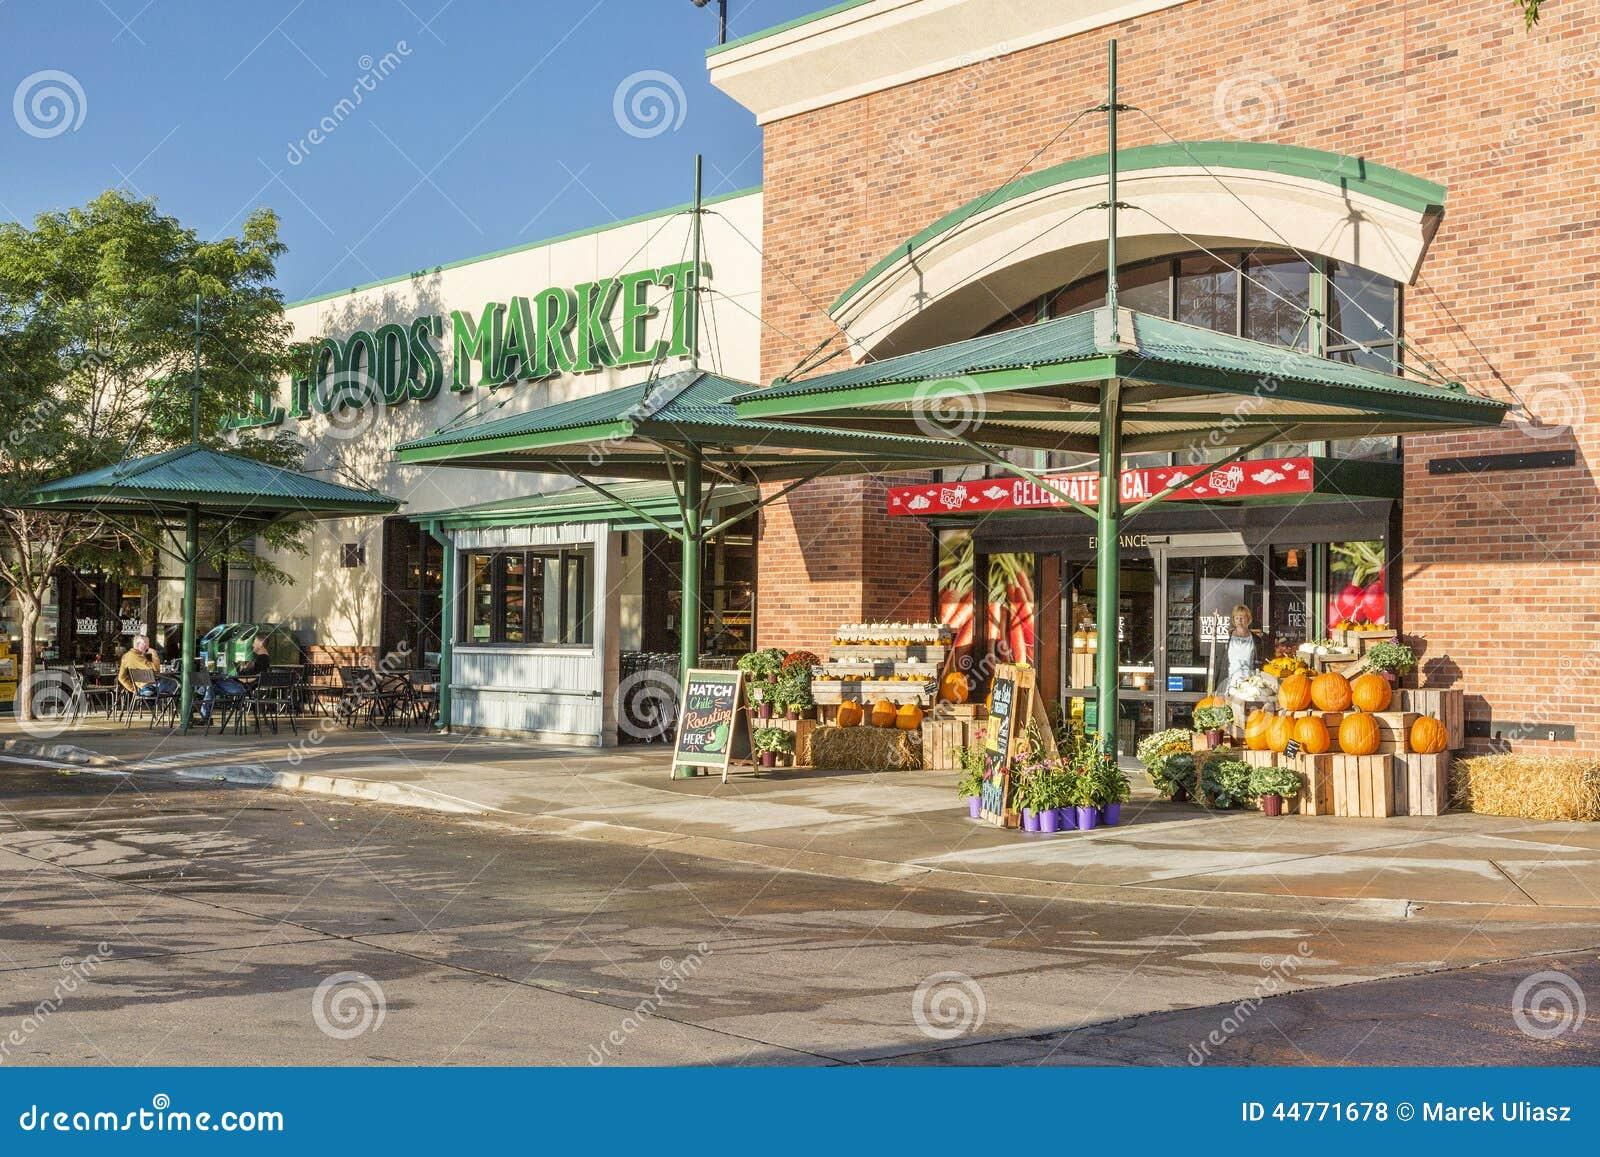 Whole Foods Market Stores Uk